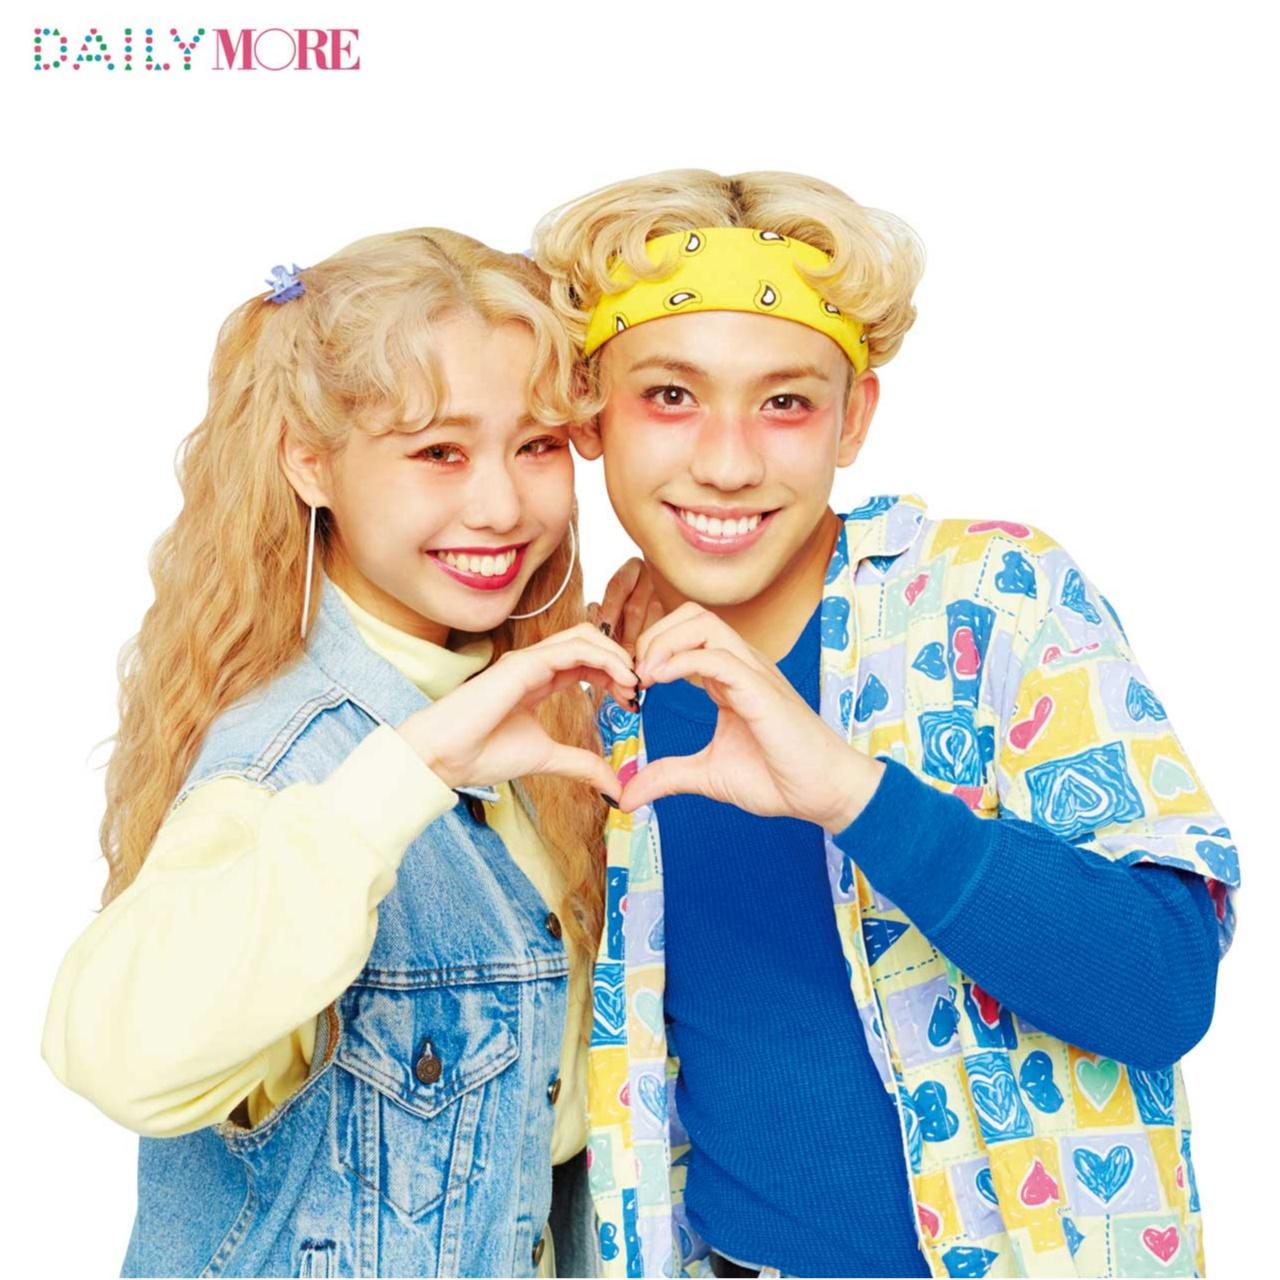 日本一ラブラブなカップルの秘密を大公開! りゅうちぇる&ぺこの「安心LOVE ルール♡」_1